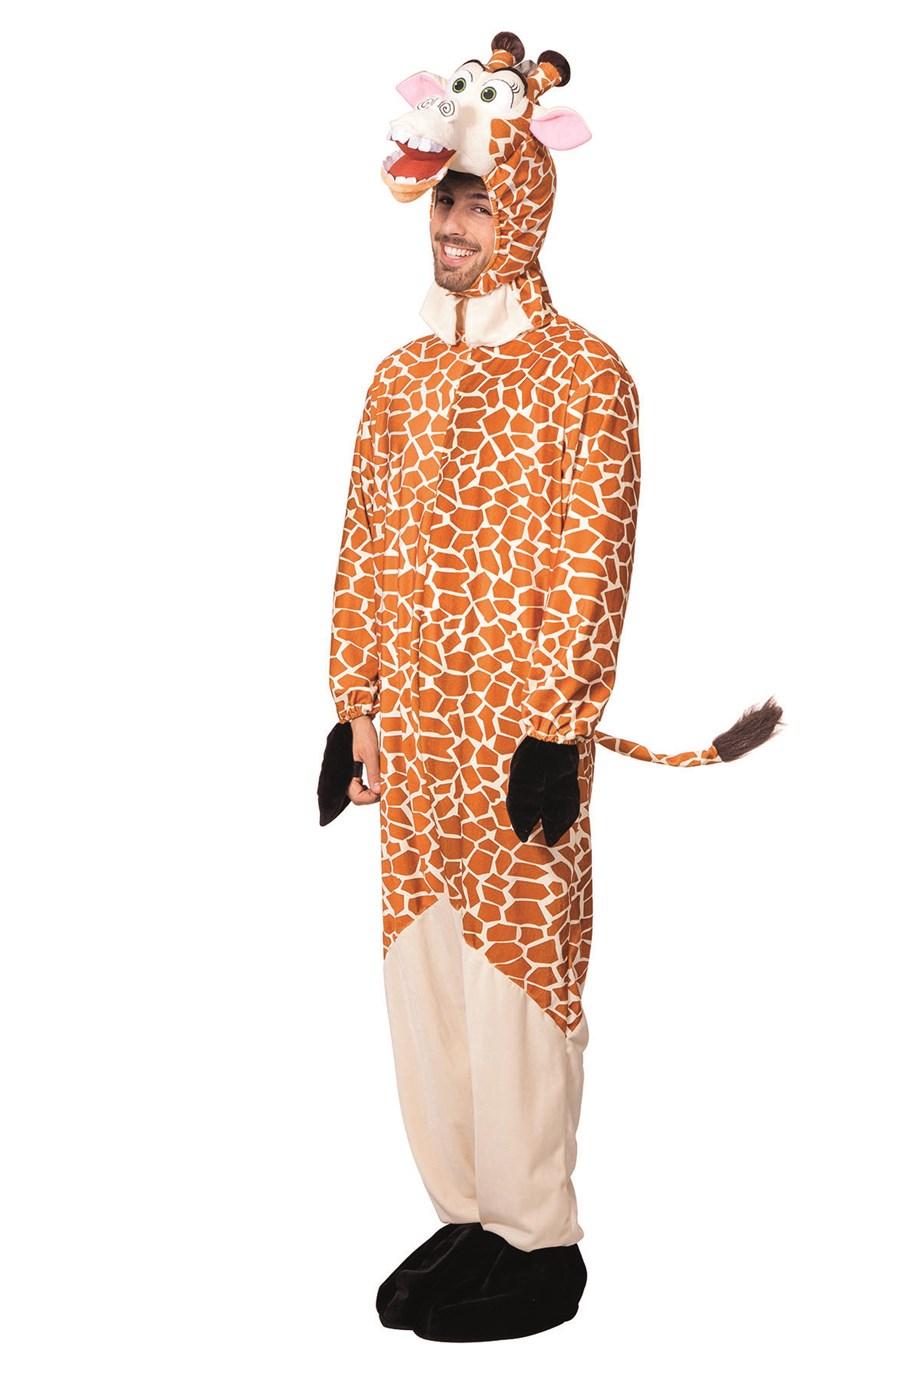 Giraffe Kostüm Kinder : kost m giraffe overall tiere m rchen kost me herren charlies karnevalsshop ~ Frokenaadalensverden.com Haus und Dekorationen